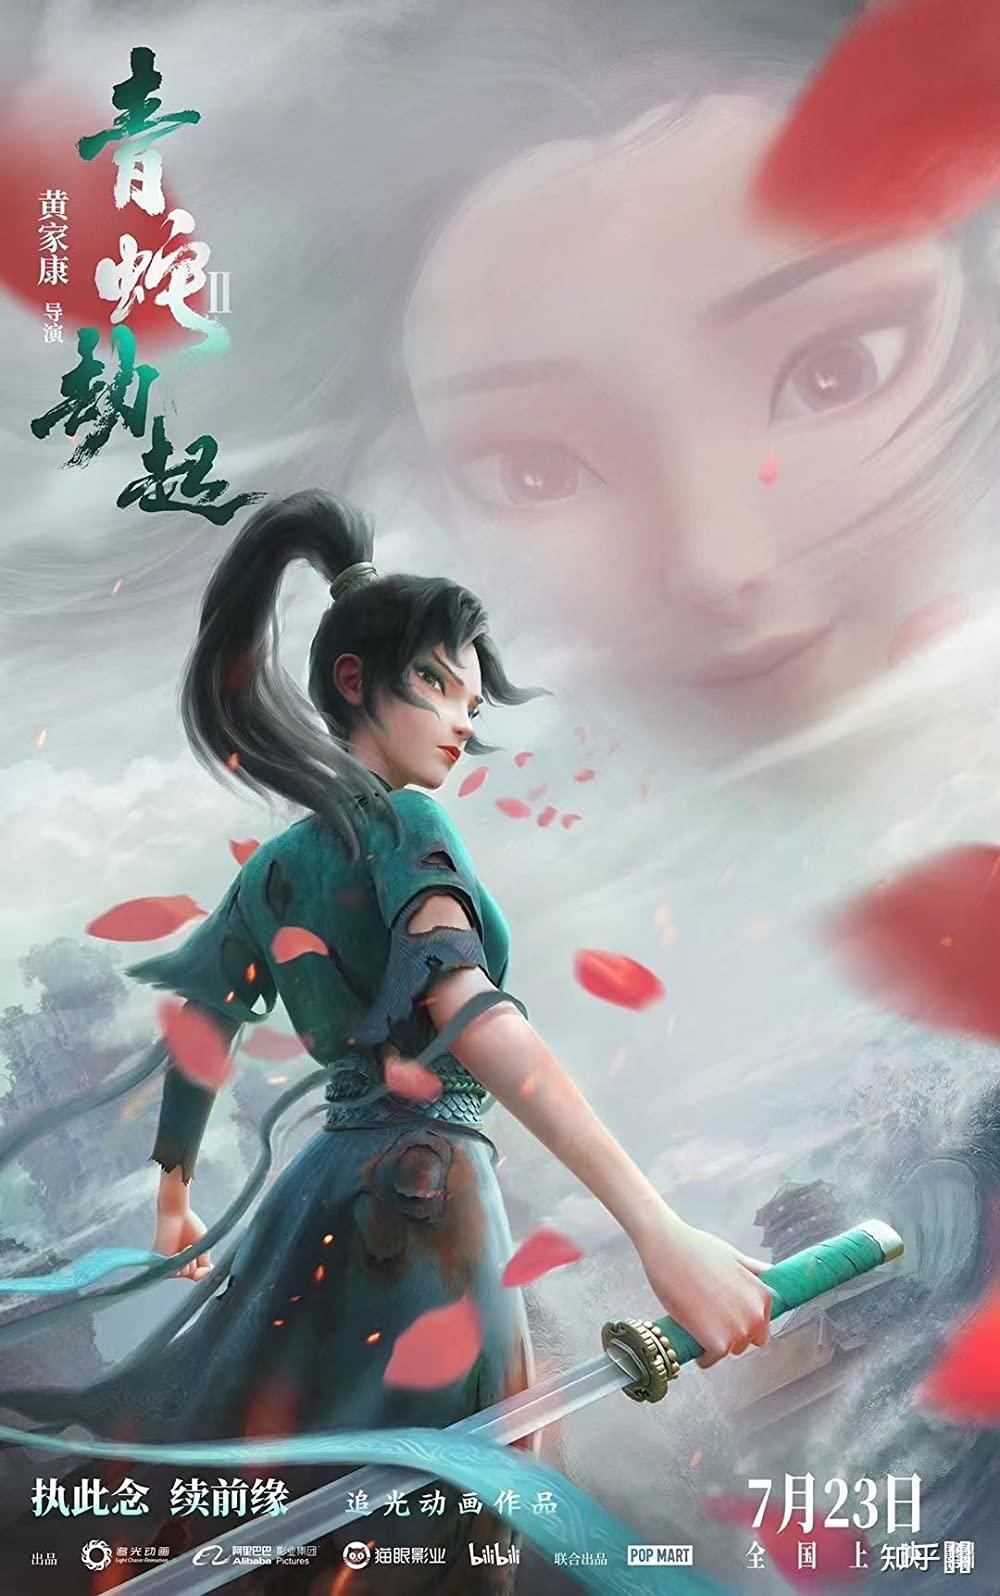 Bai She 2: Qing She jie qi Episode 1 English Subbed